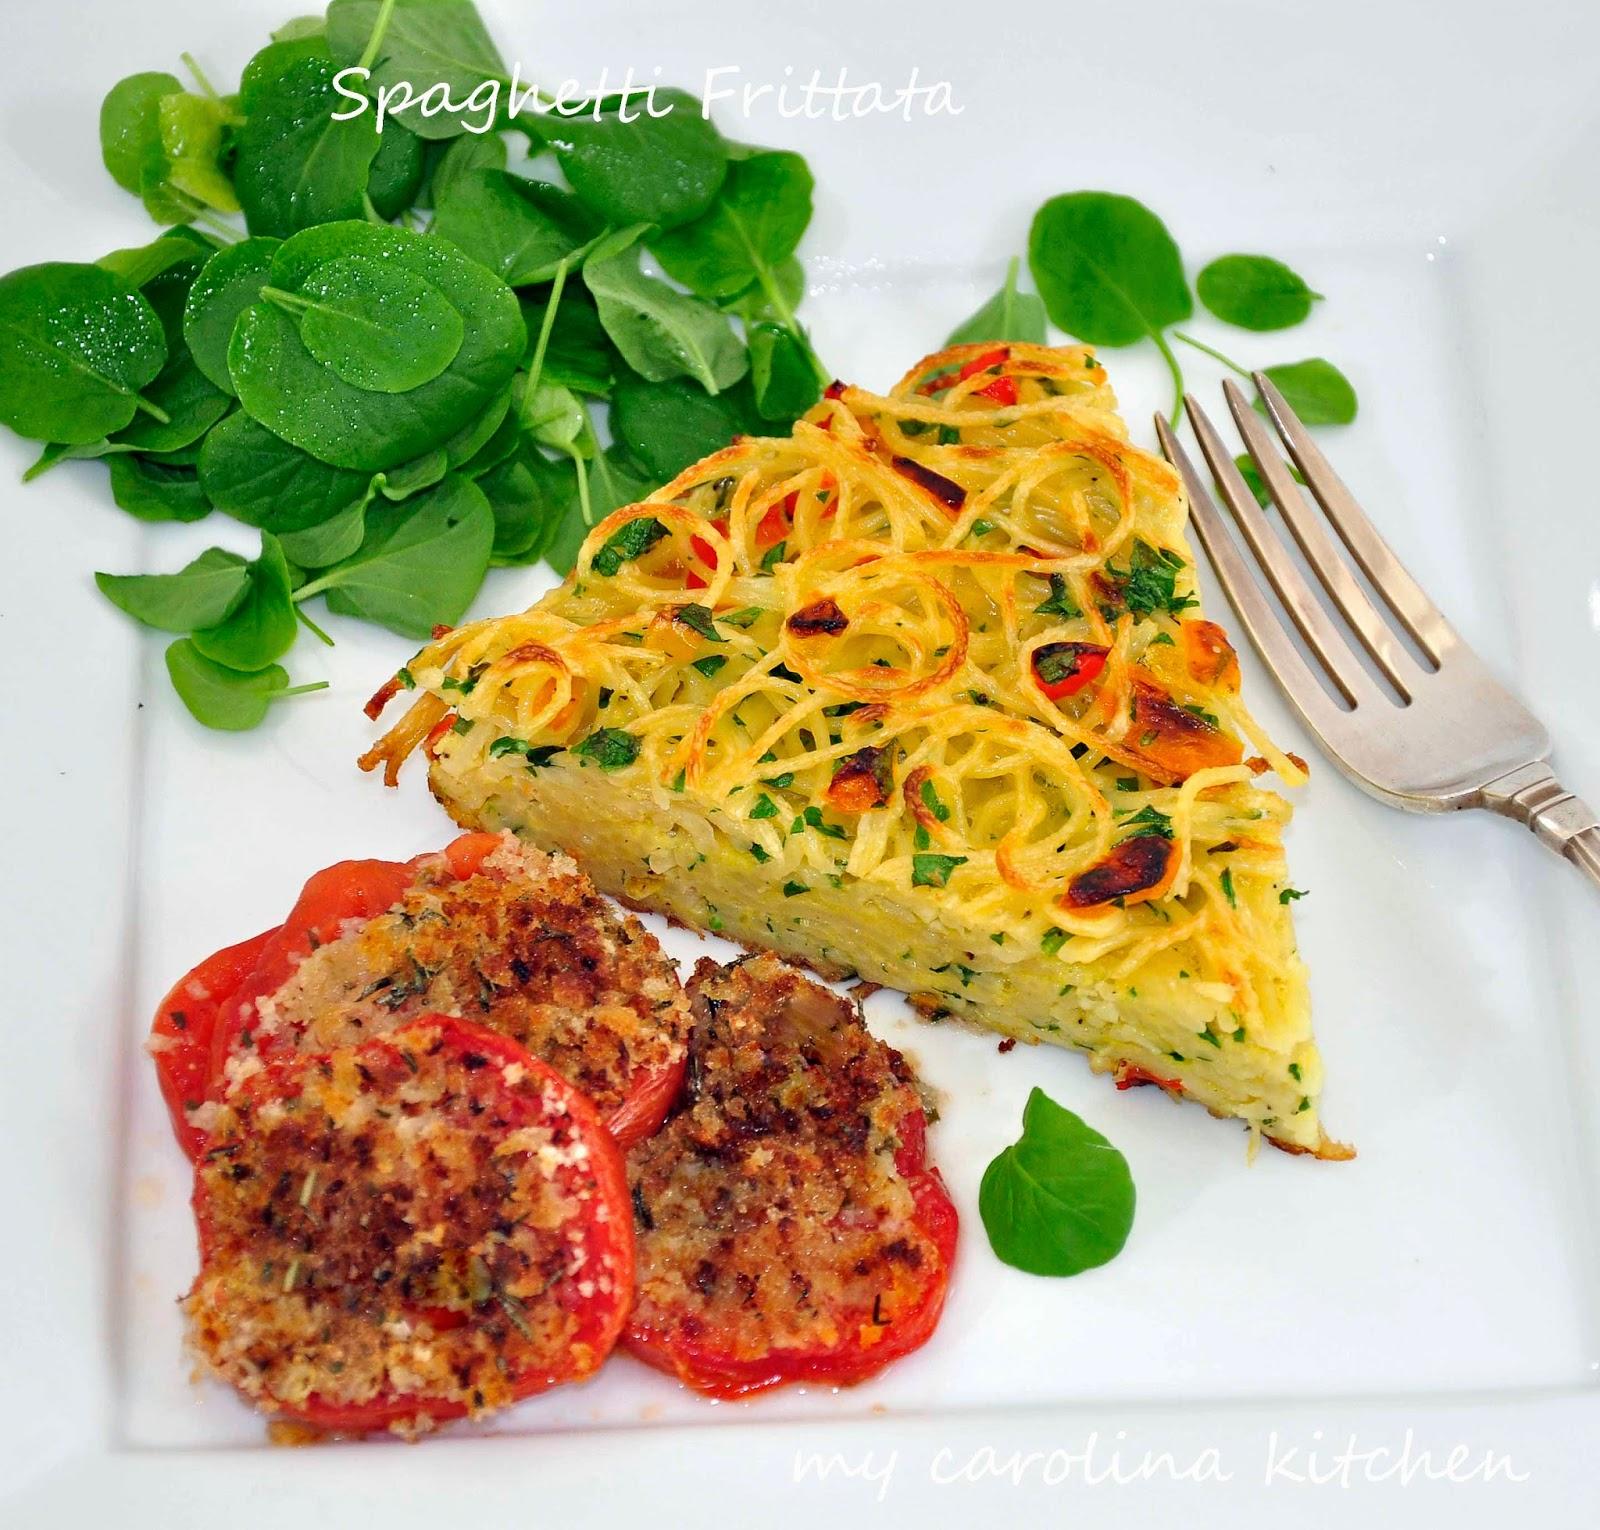 My Carolina Kitchen: Marcella Hazan's Spaghetti Frittata